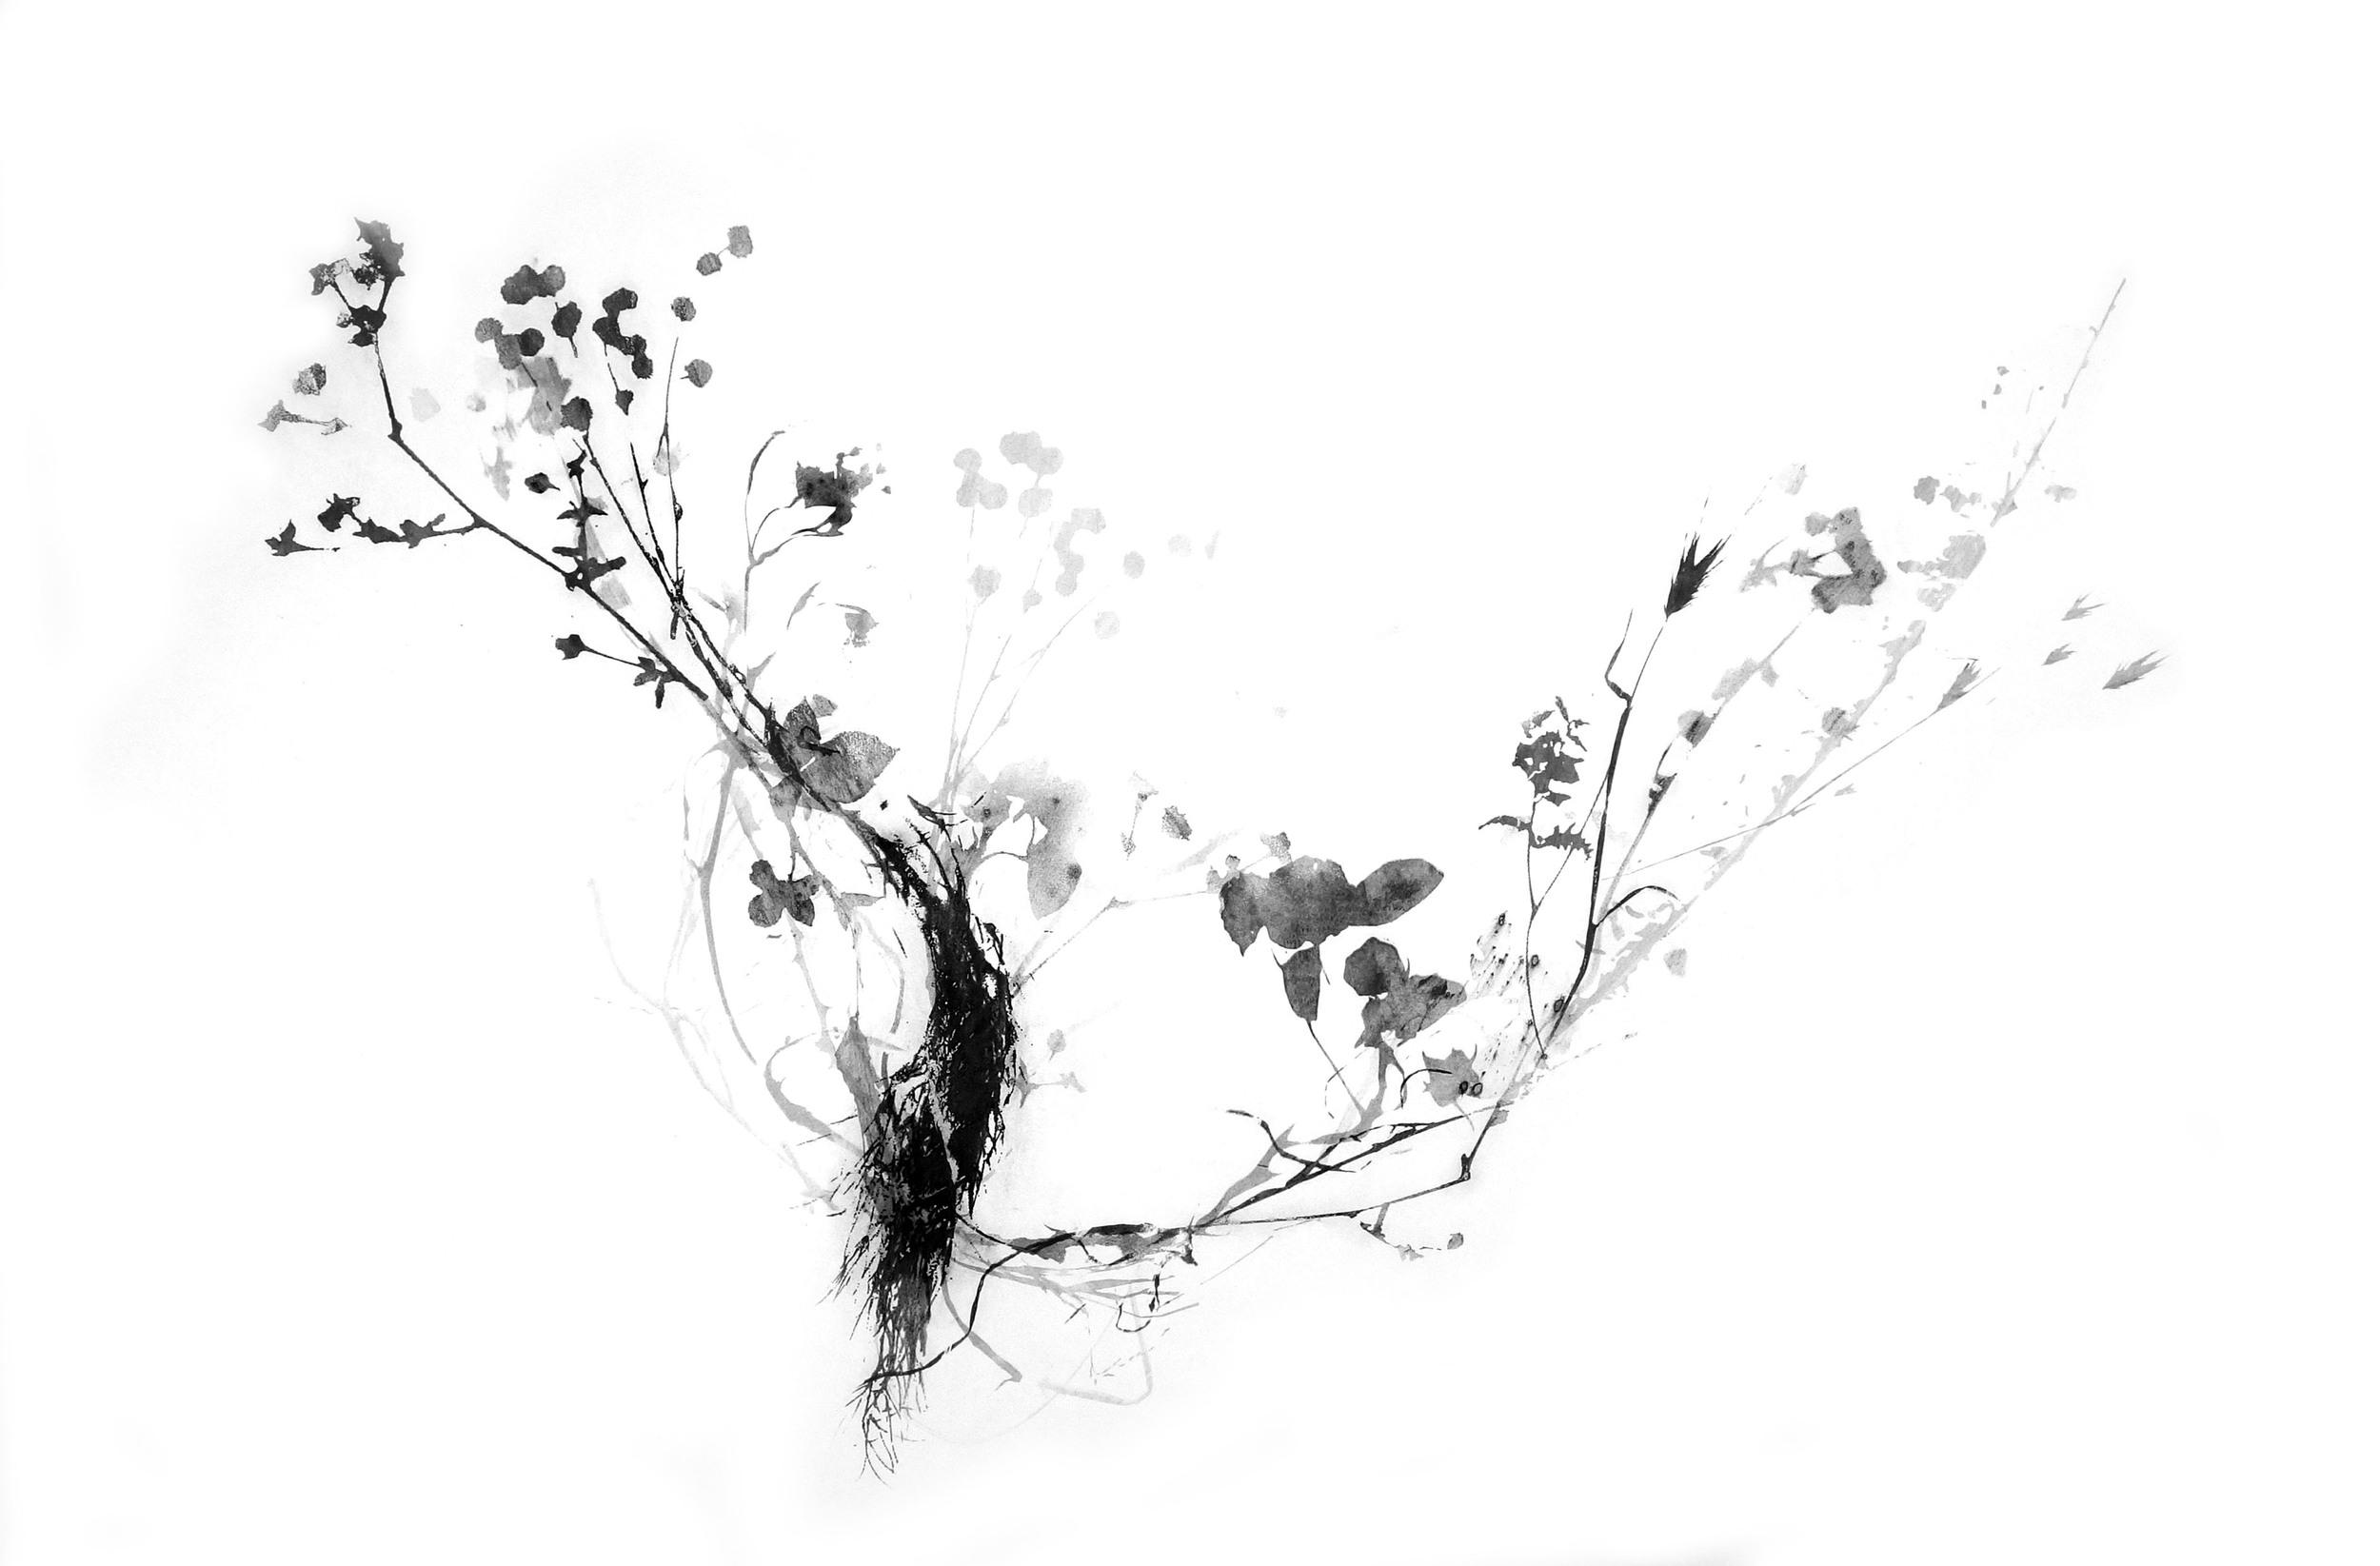 Bramble_4_crop_web.jpg